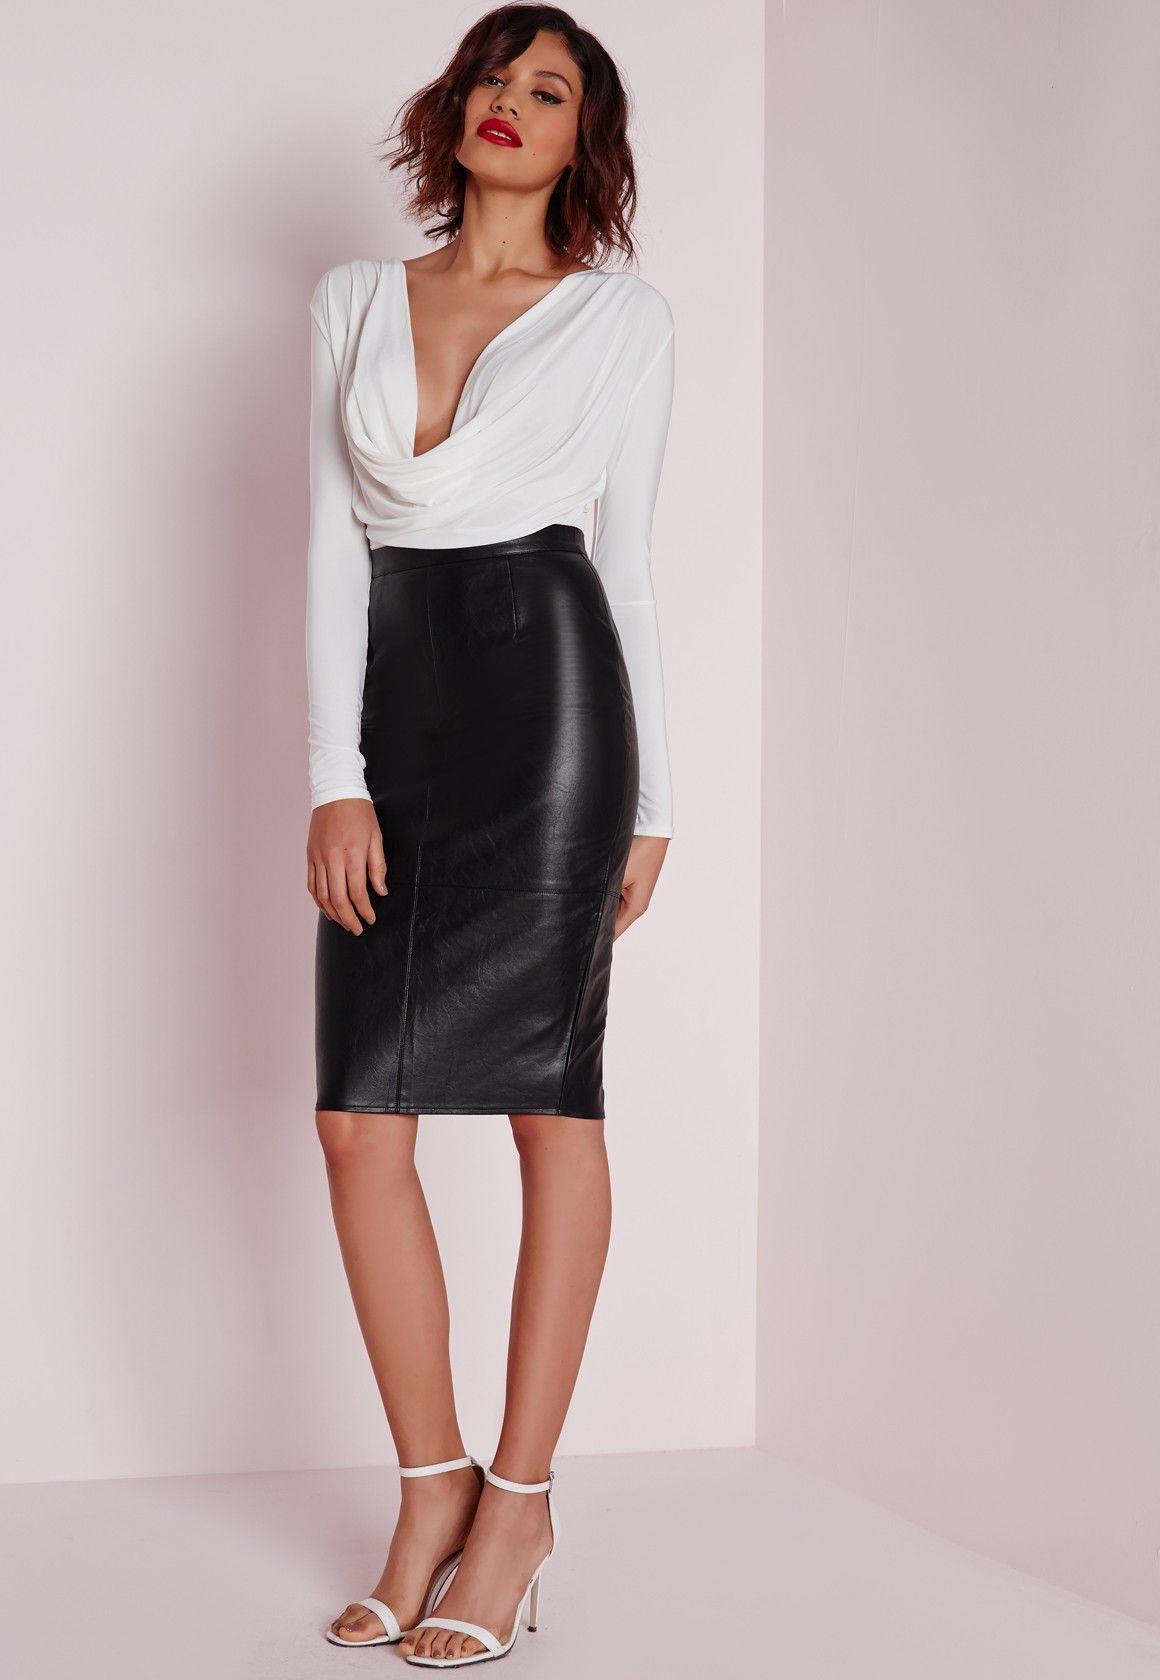 8232a4c4bd806b I need a longish leather pencil skirt. Lederen Jurken